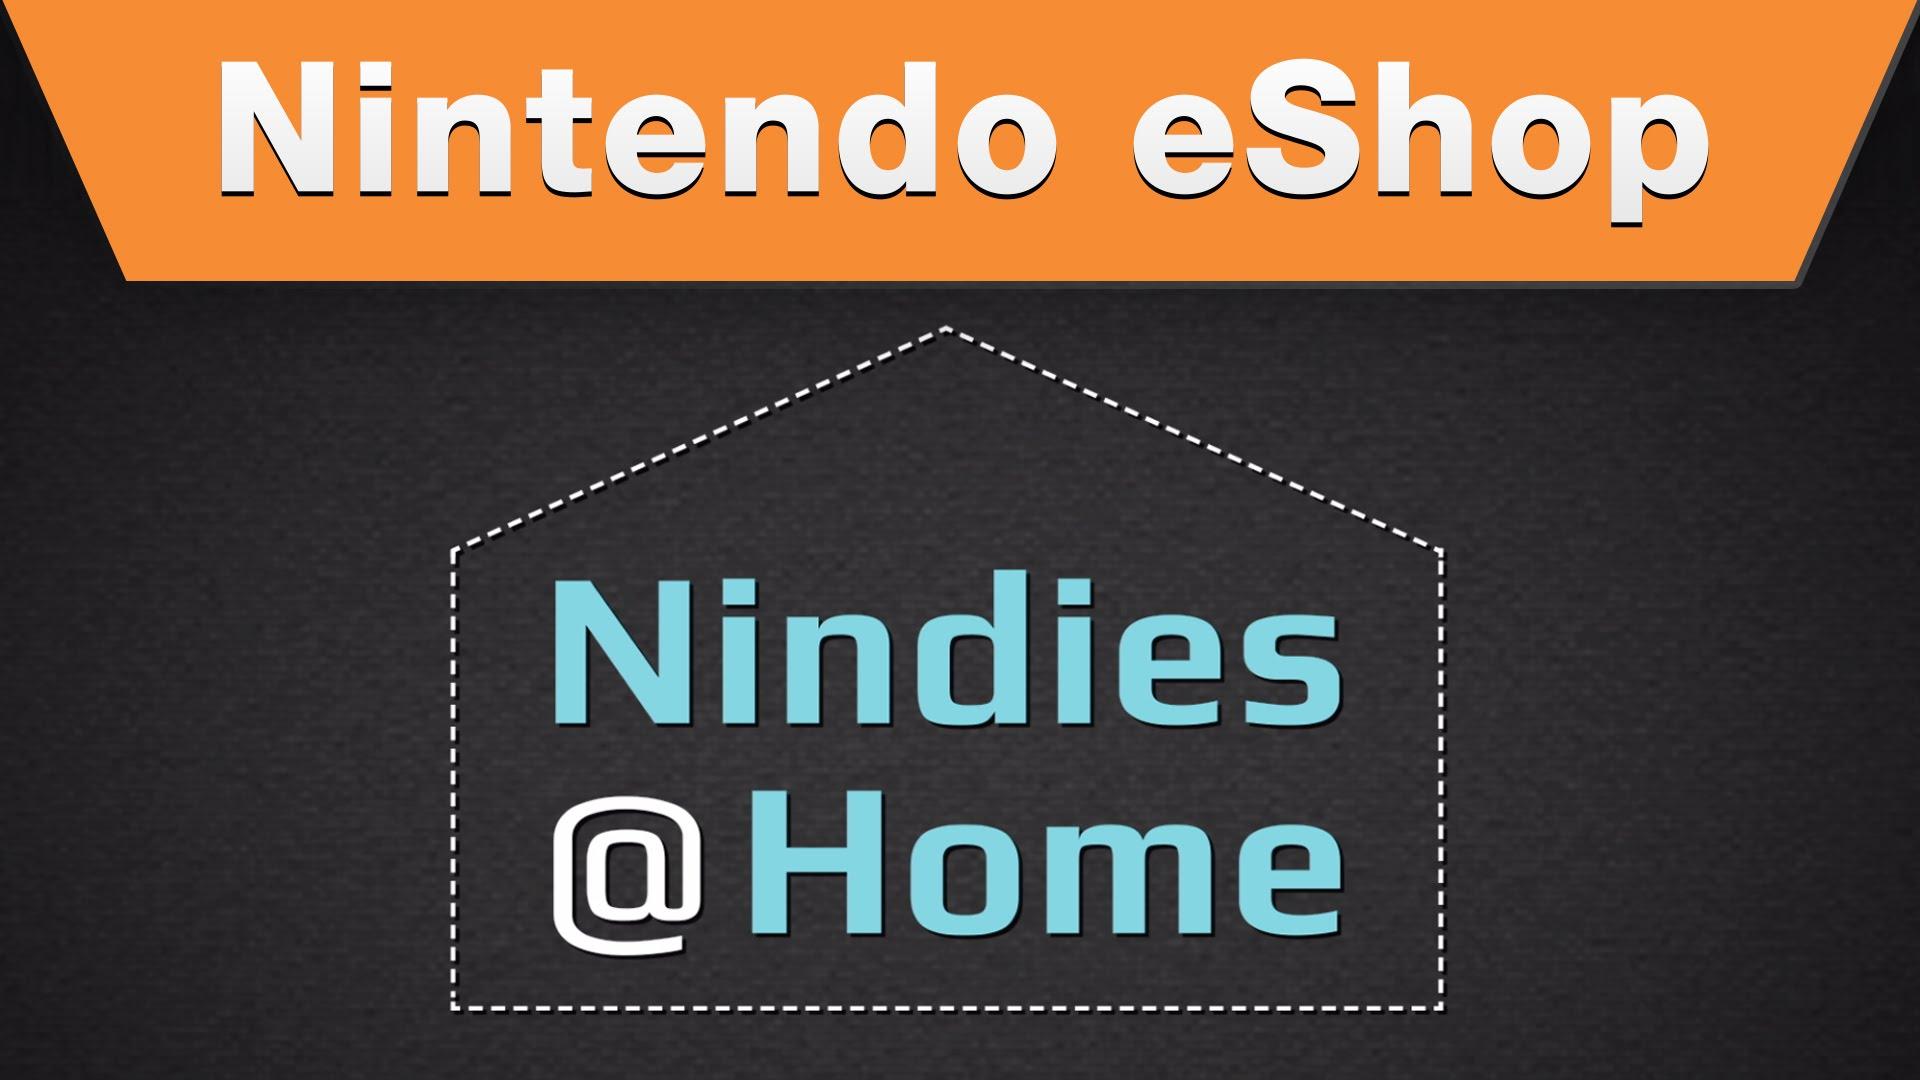 Les développeurs indés Switch sélectionnés par Nintendo